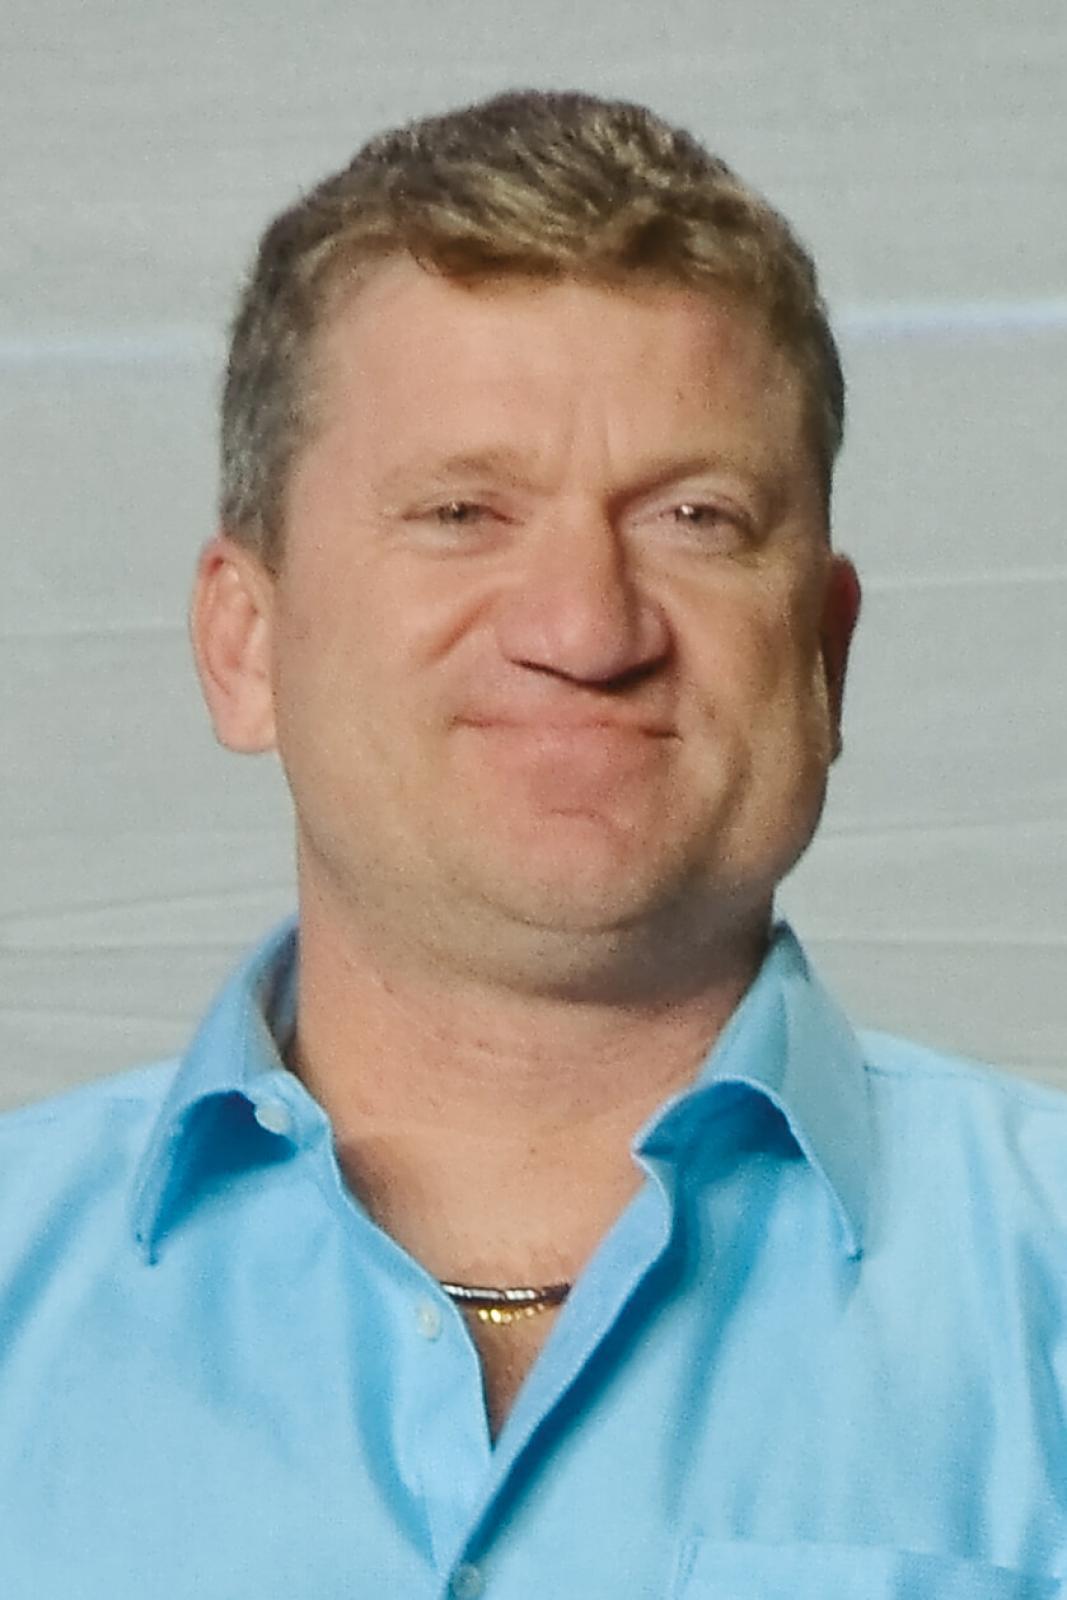 Paul Doornbos